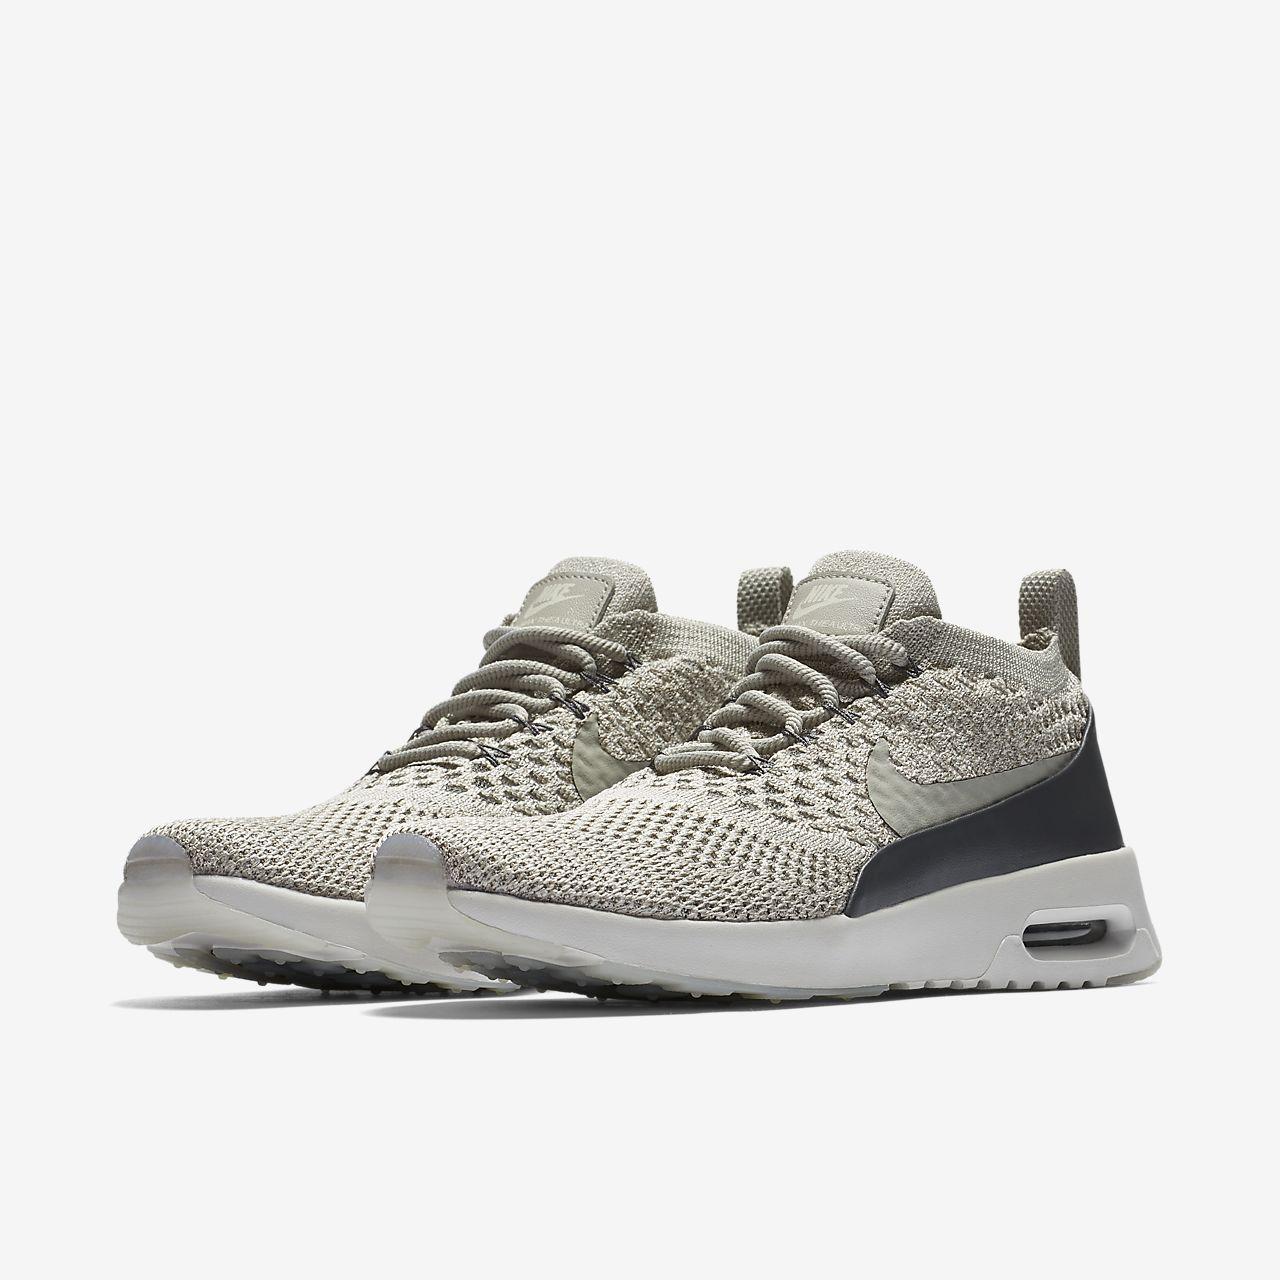 Chaussures Nike Air Max Thea Ultra dIKinD